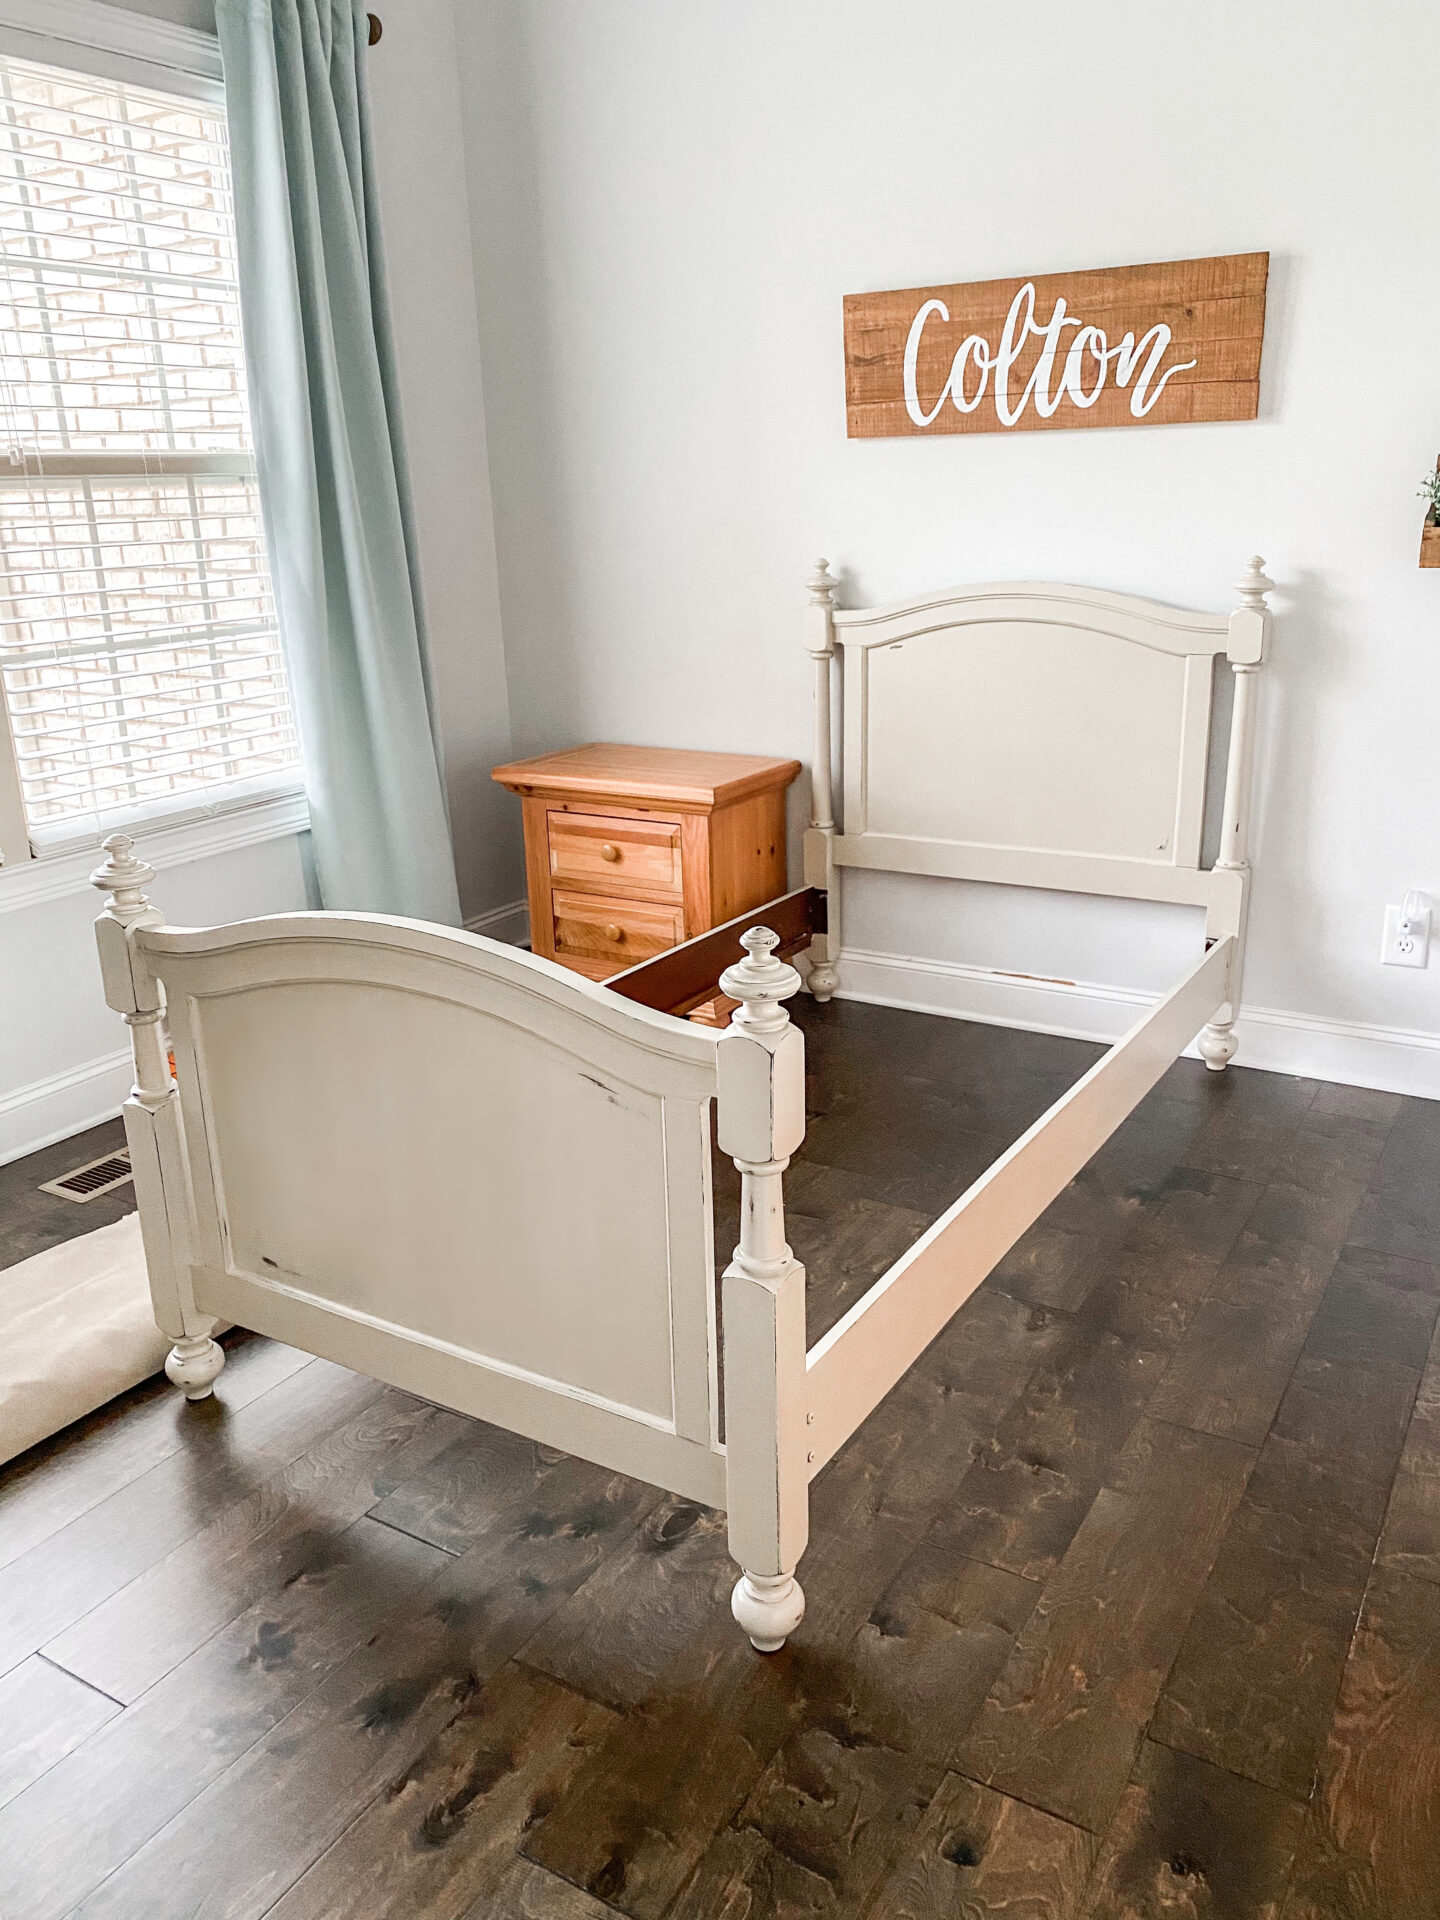 finished bed frame